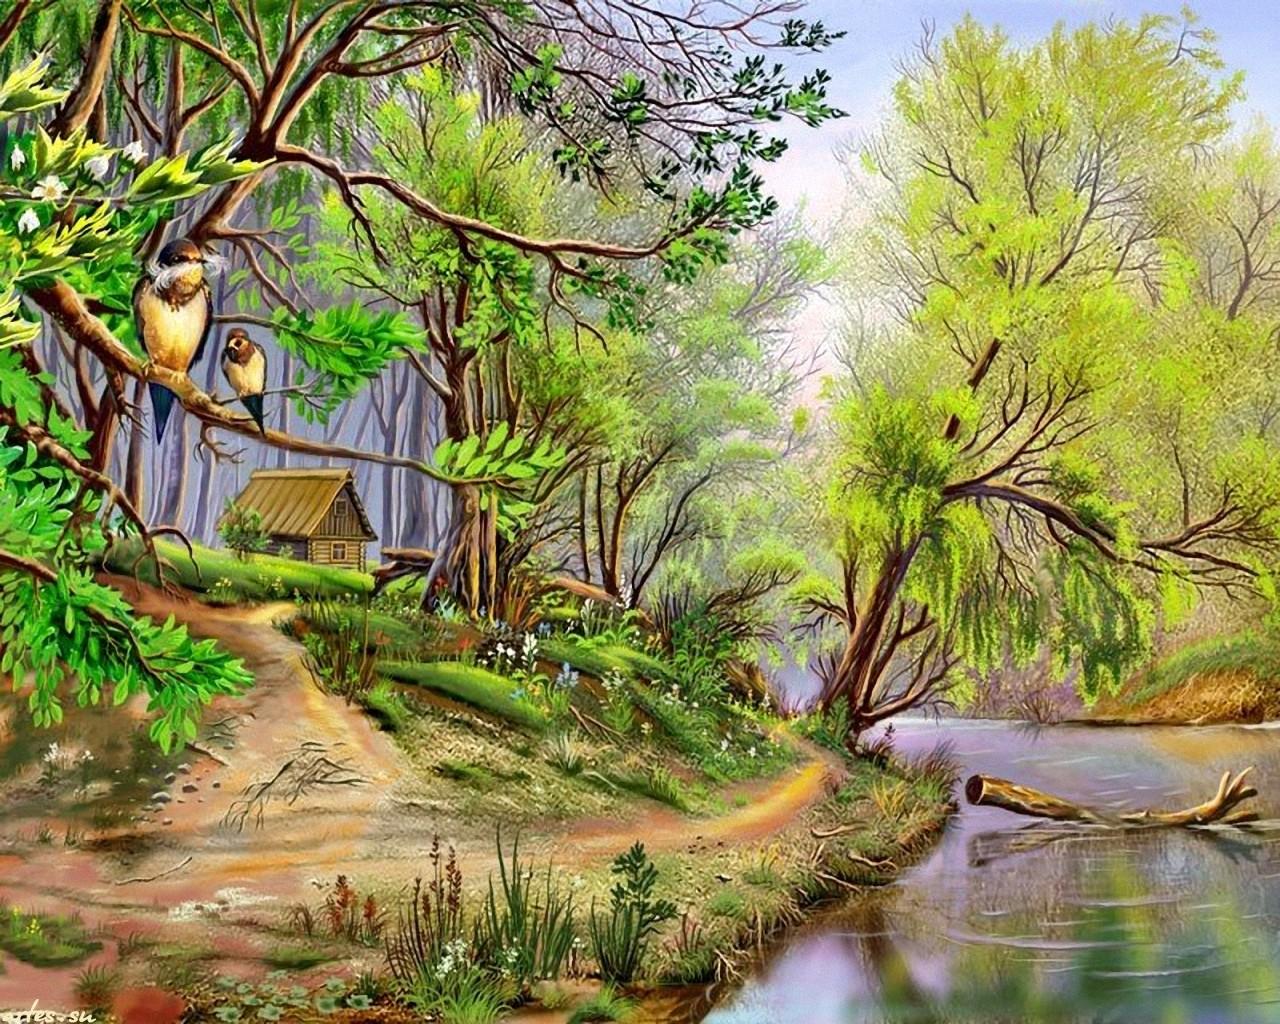 Пейзаж лес речка домик пейзажи